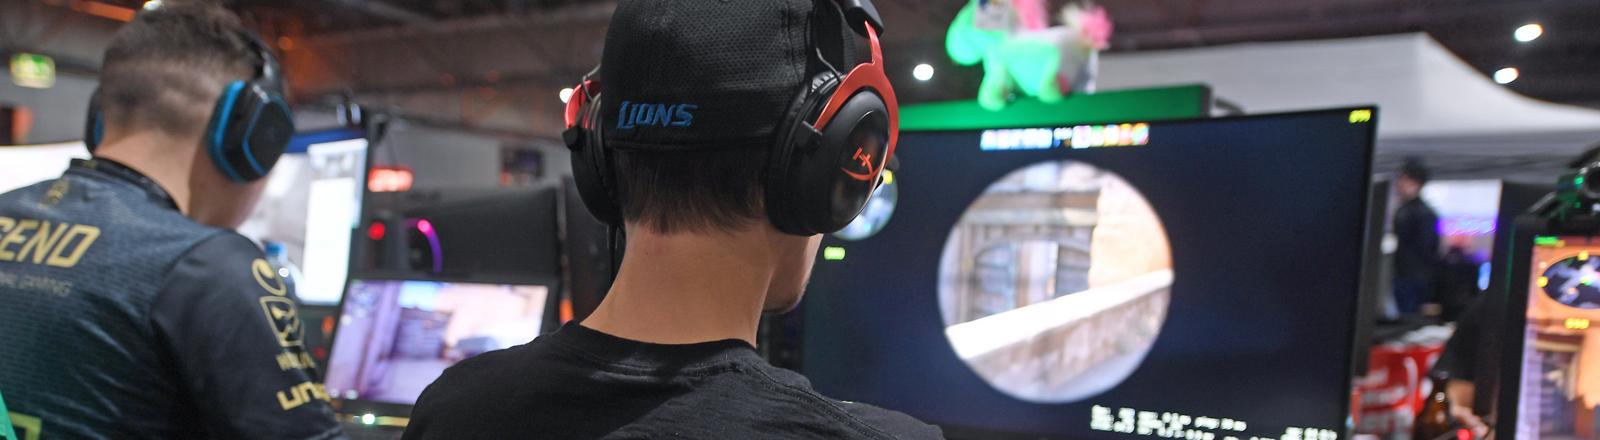 Gamer bei der Dreamhack 2018